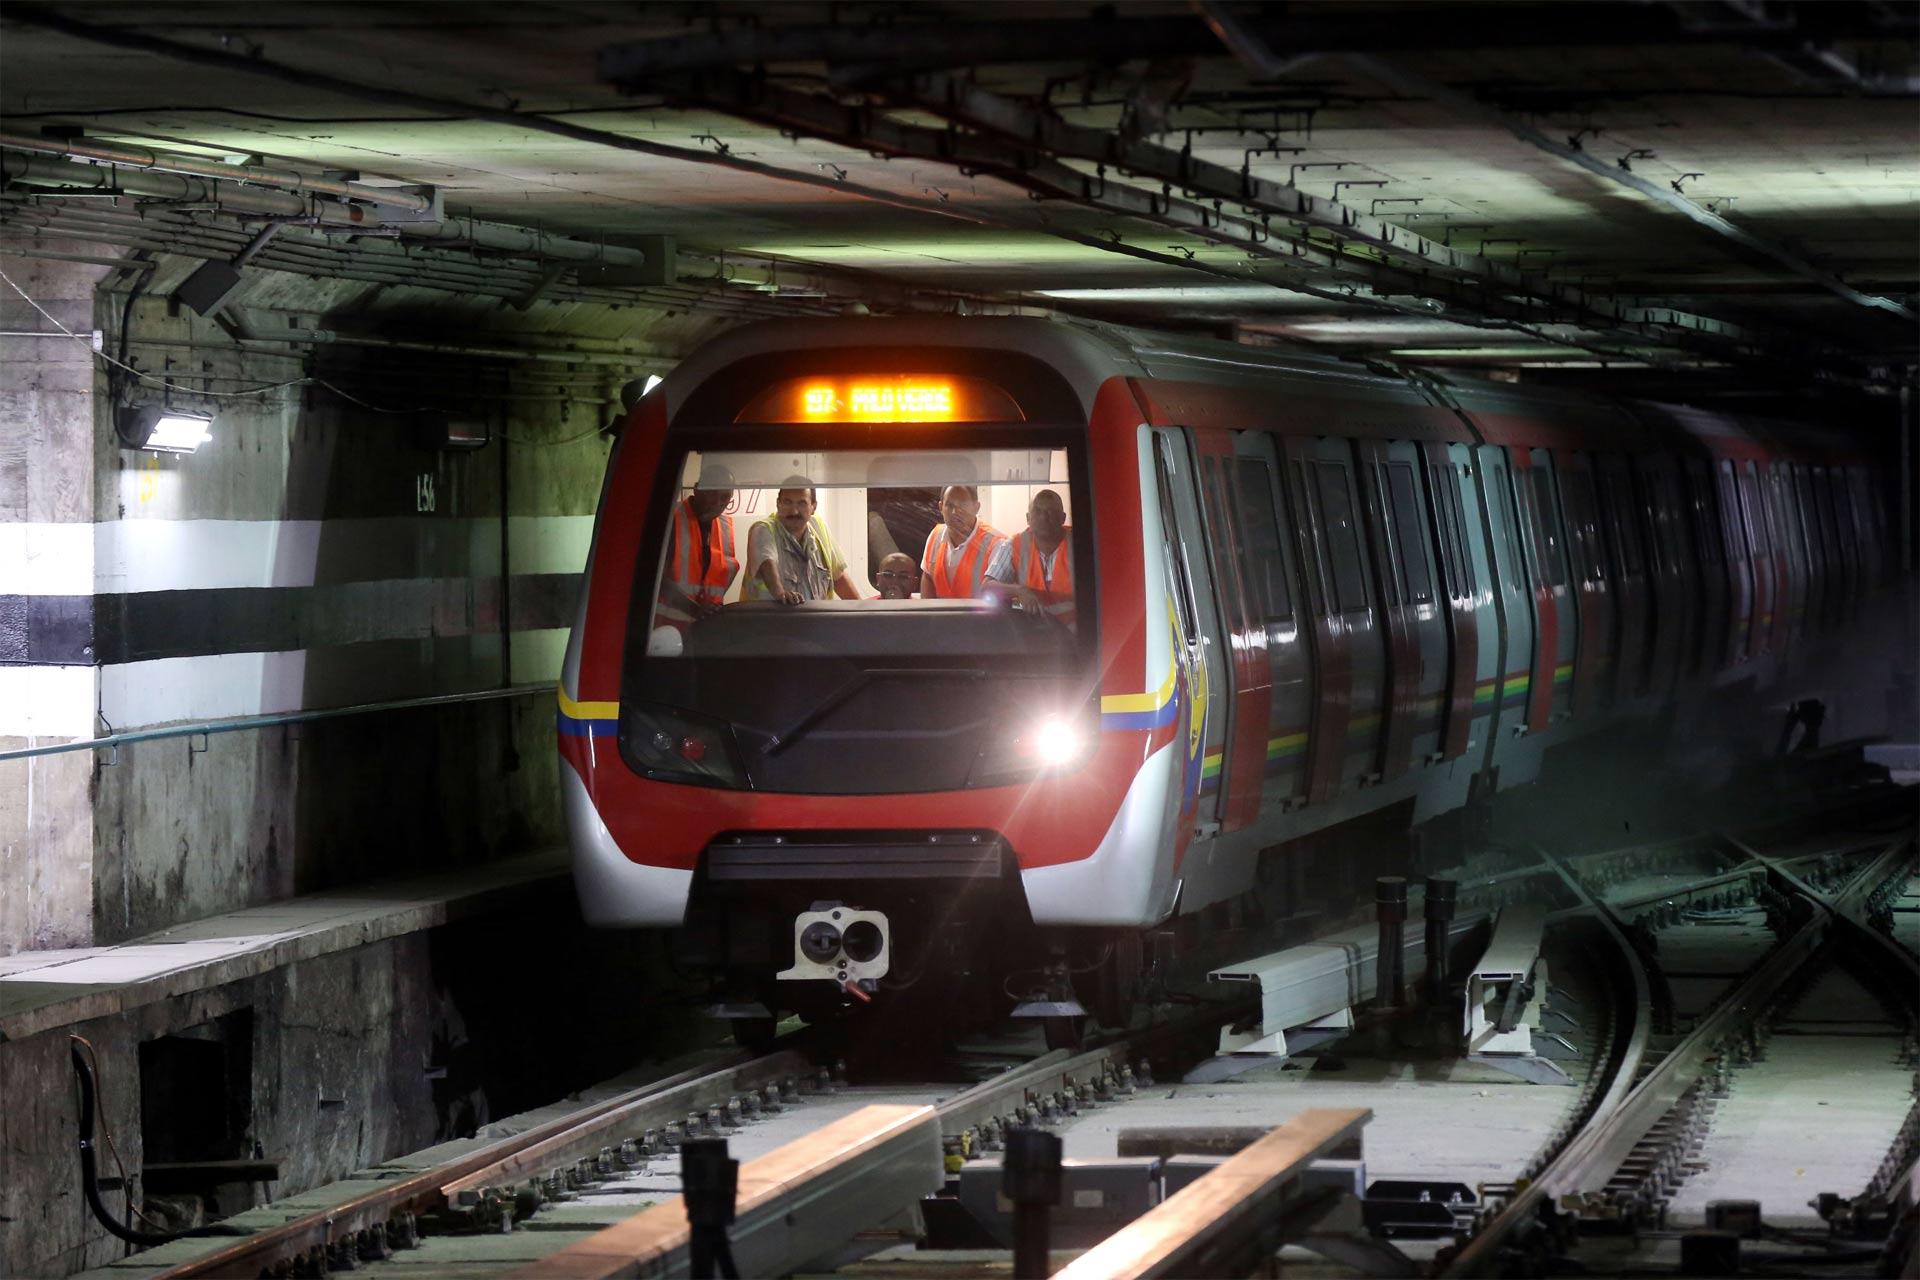 En octubre inaugurarán la nueva línea del medio de transporte. Por ello están evaluando los sistemas de seguridad